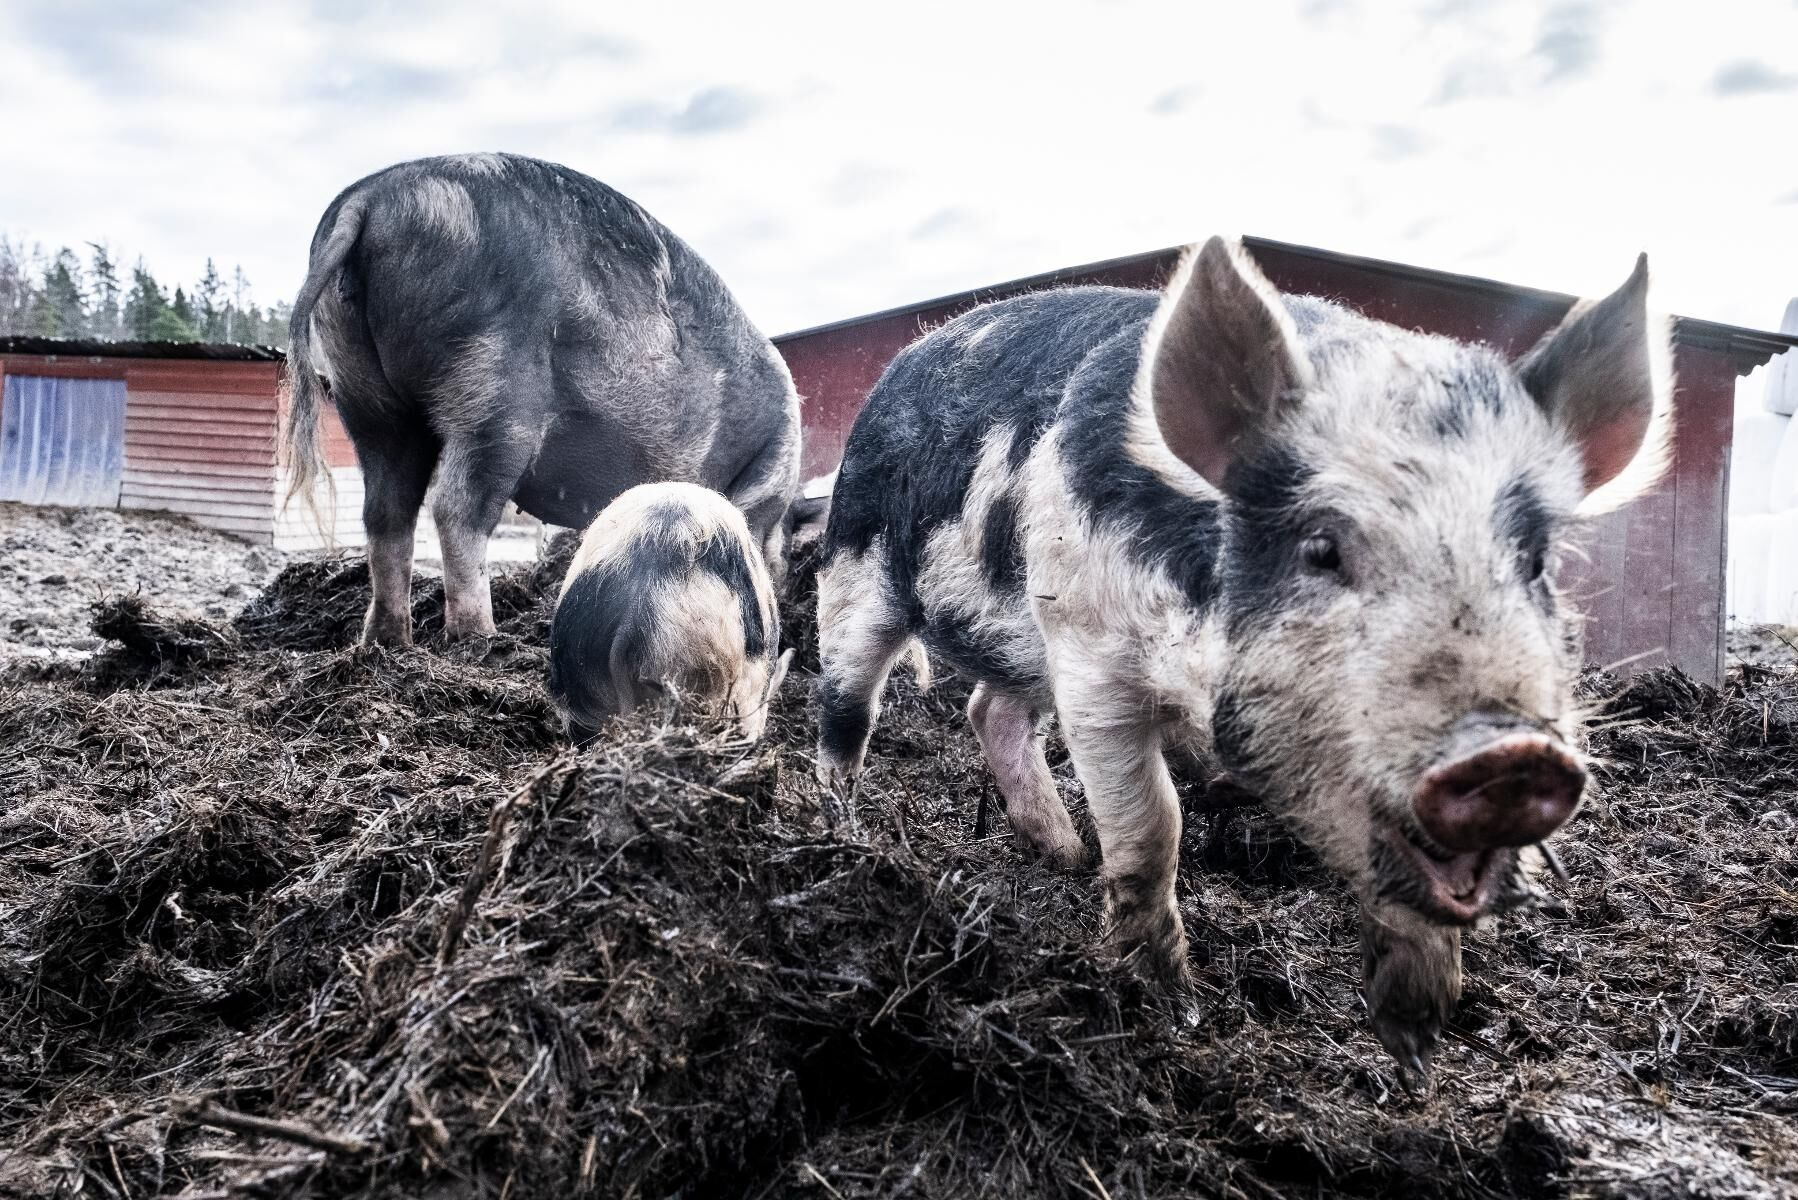 Afrikansk svinpest kan spridas genom fläskkött.